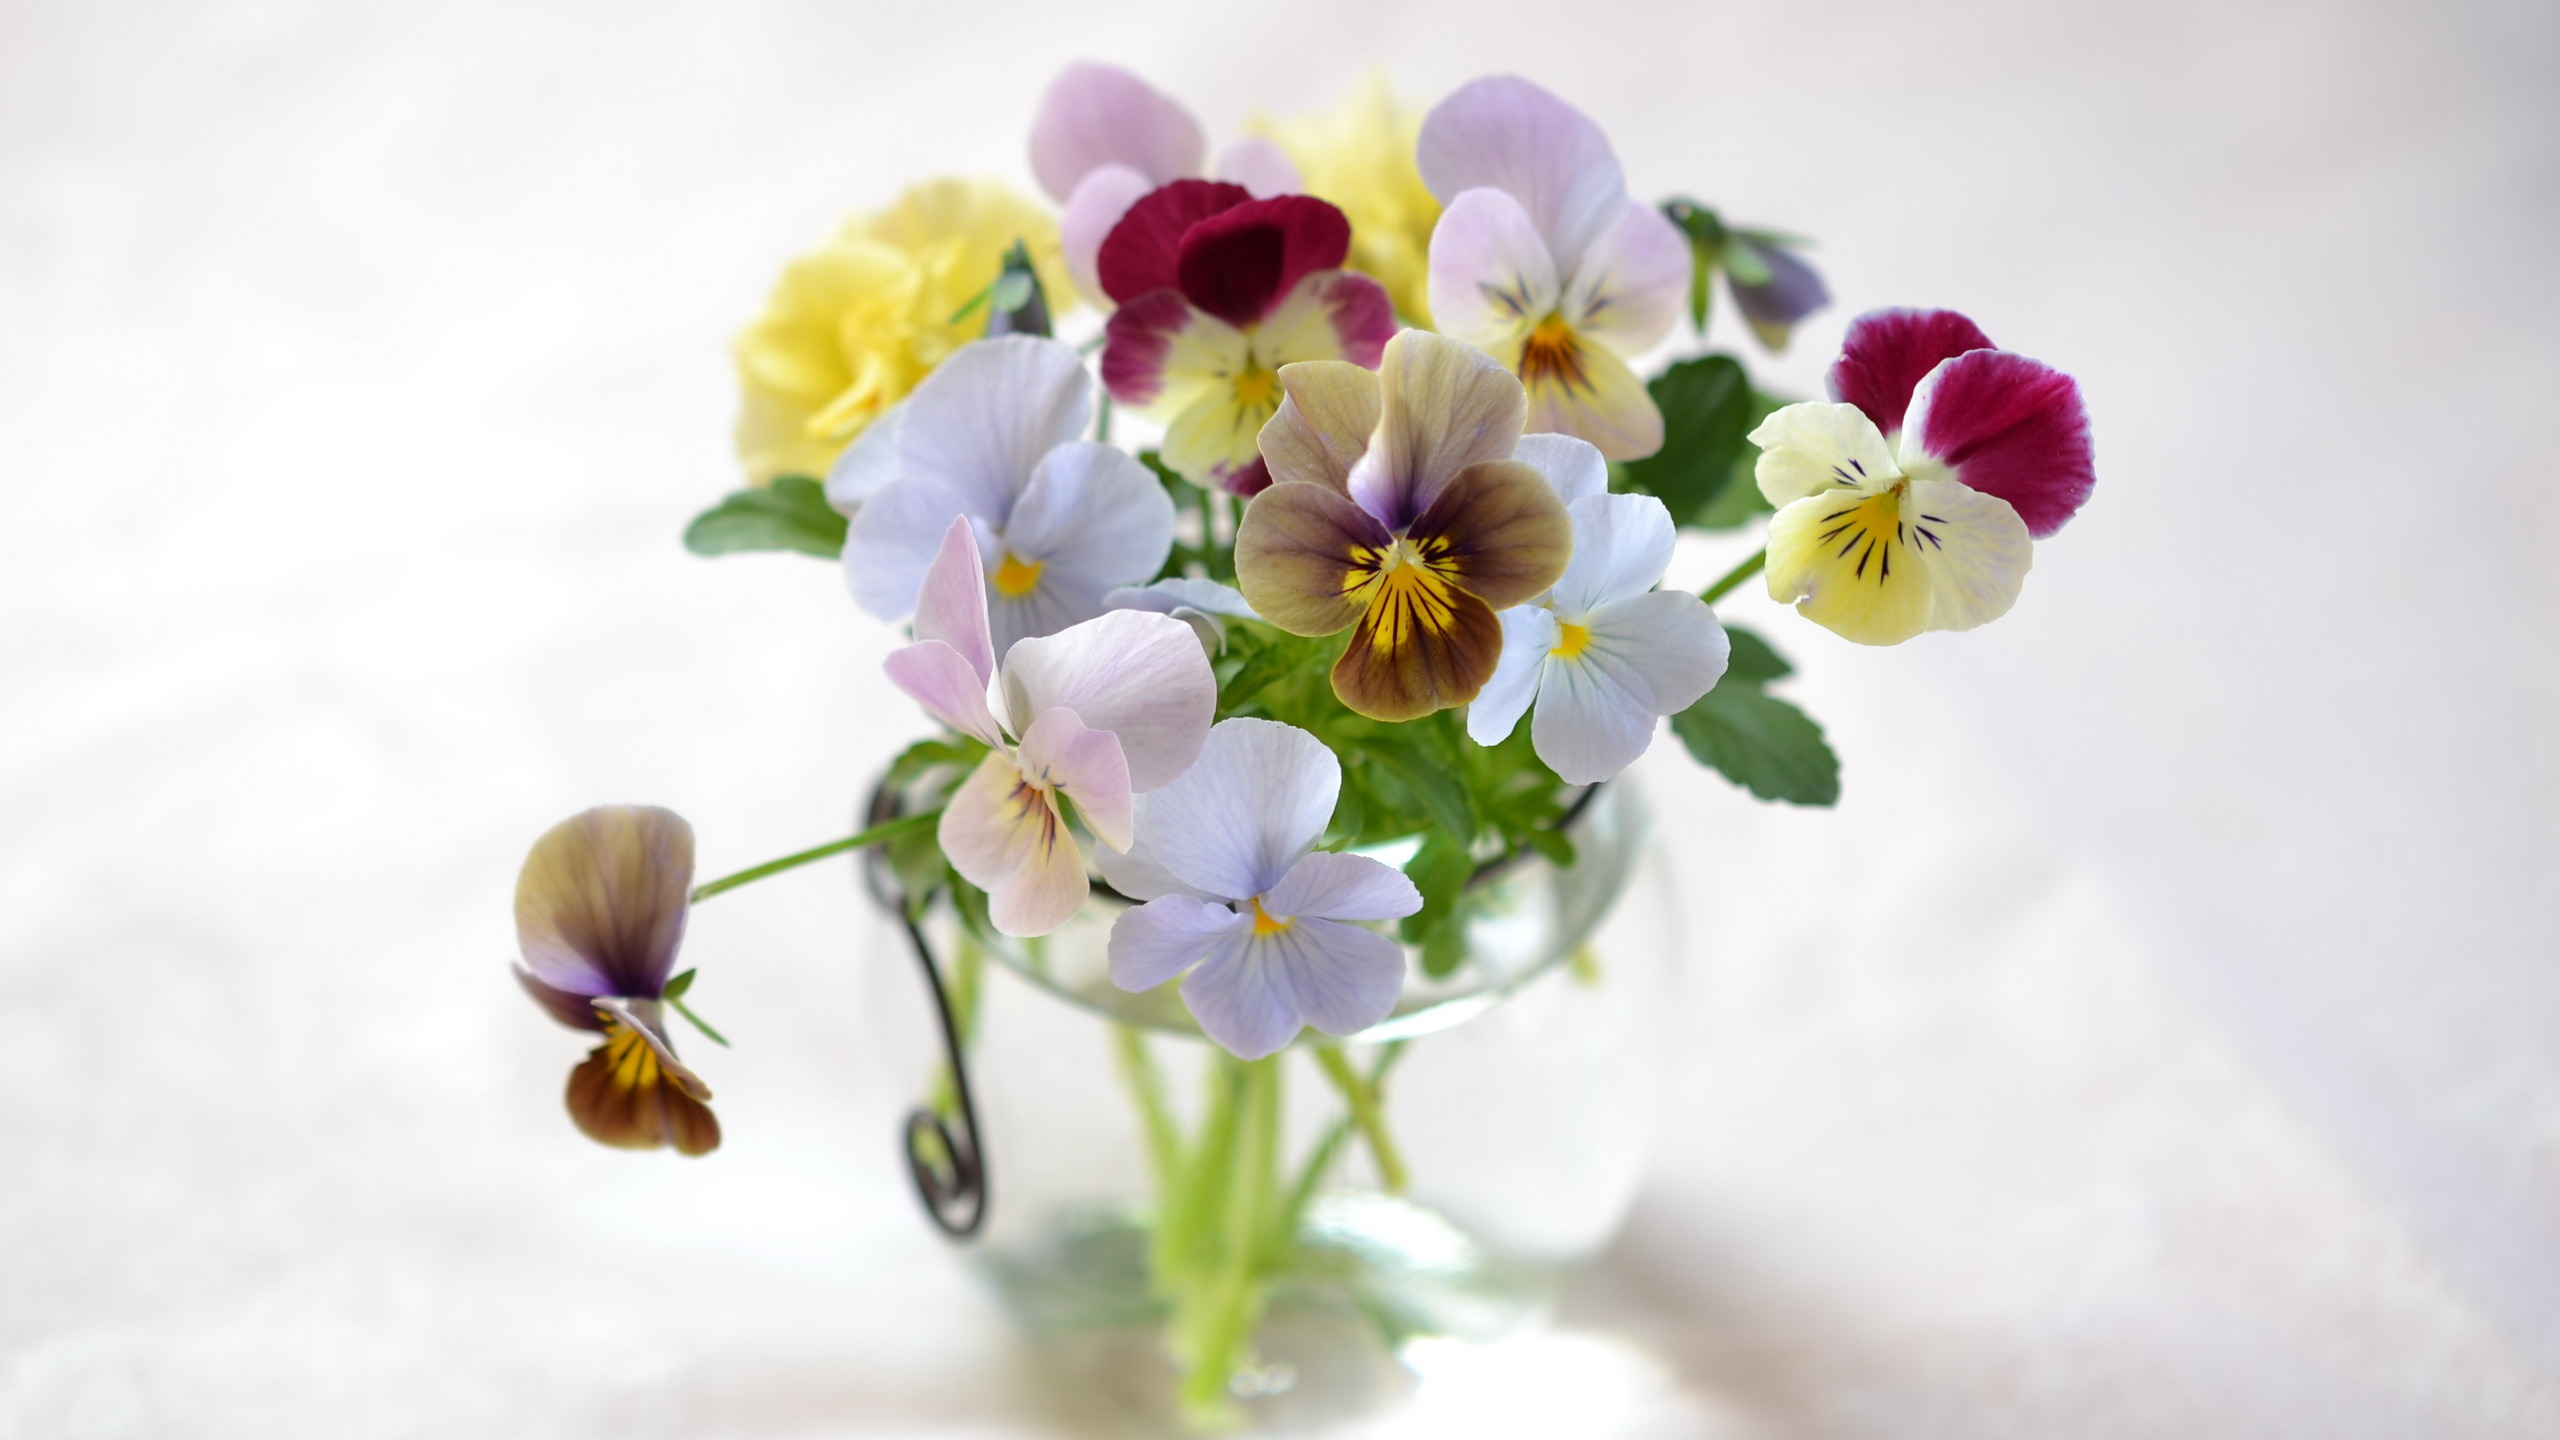 природа цветы ваза  № 1734245 без смс